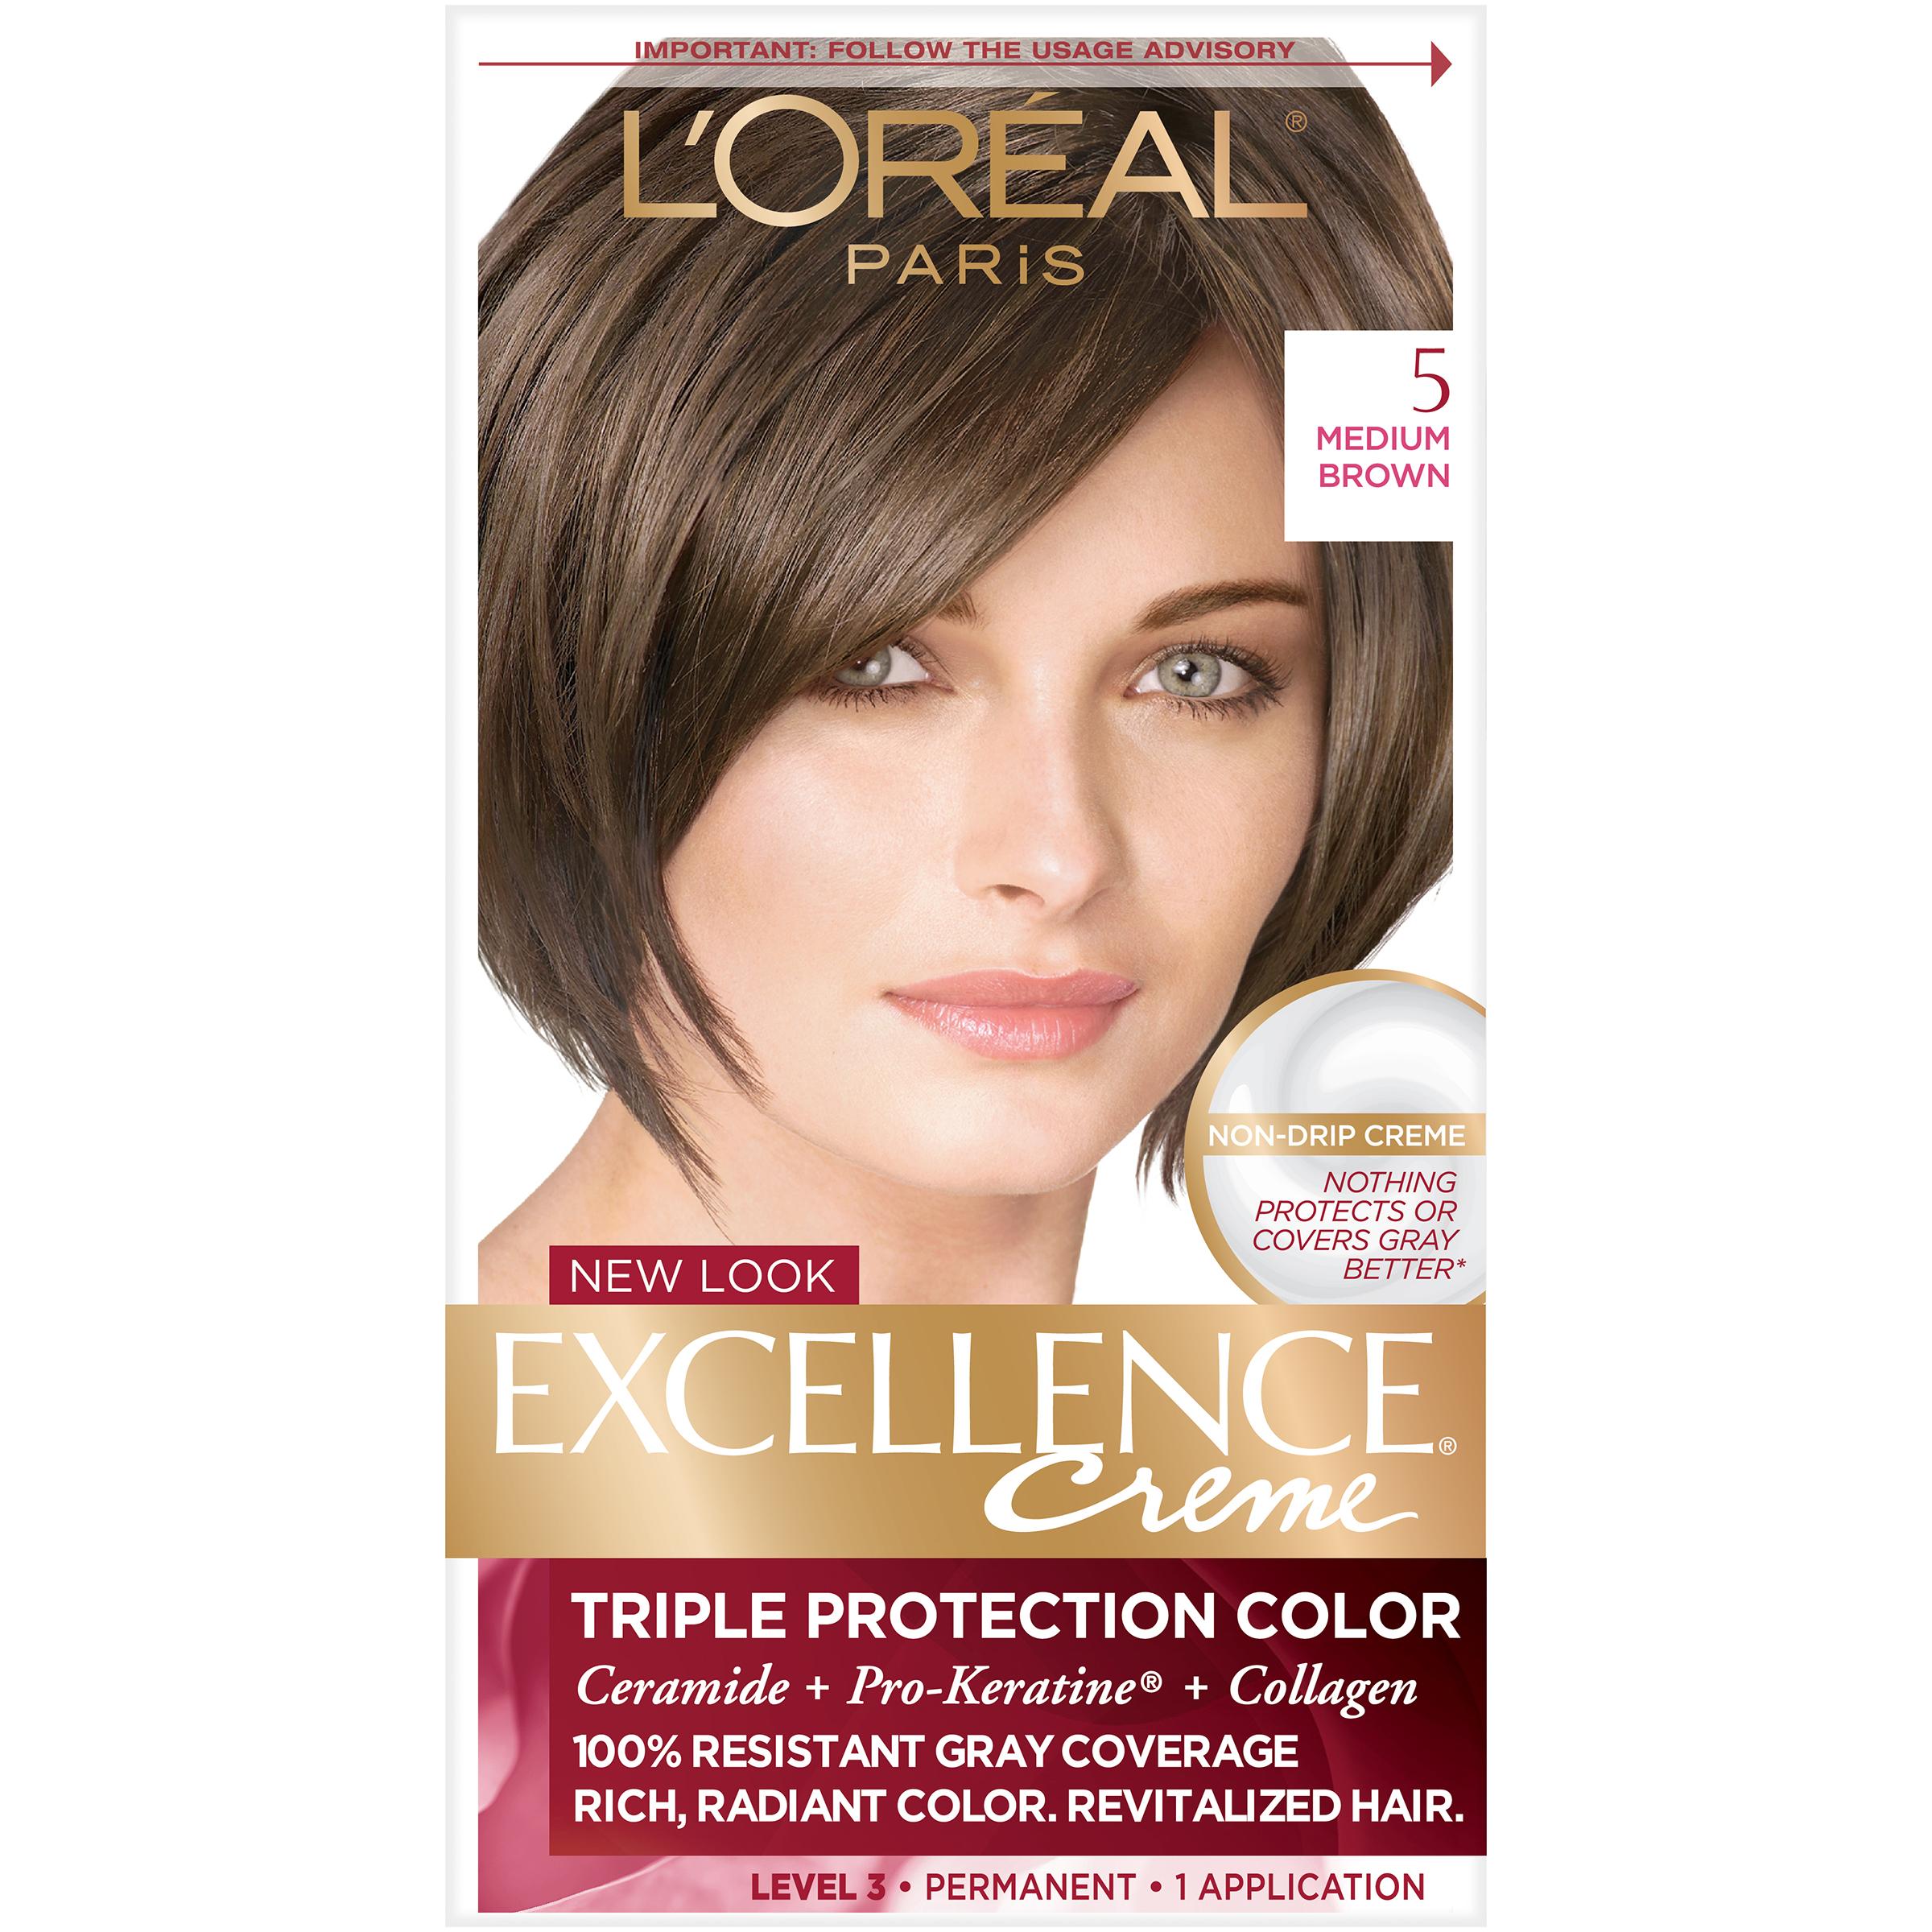 Loreal Paris Excellence Creme Triple Protection Hair Color 5